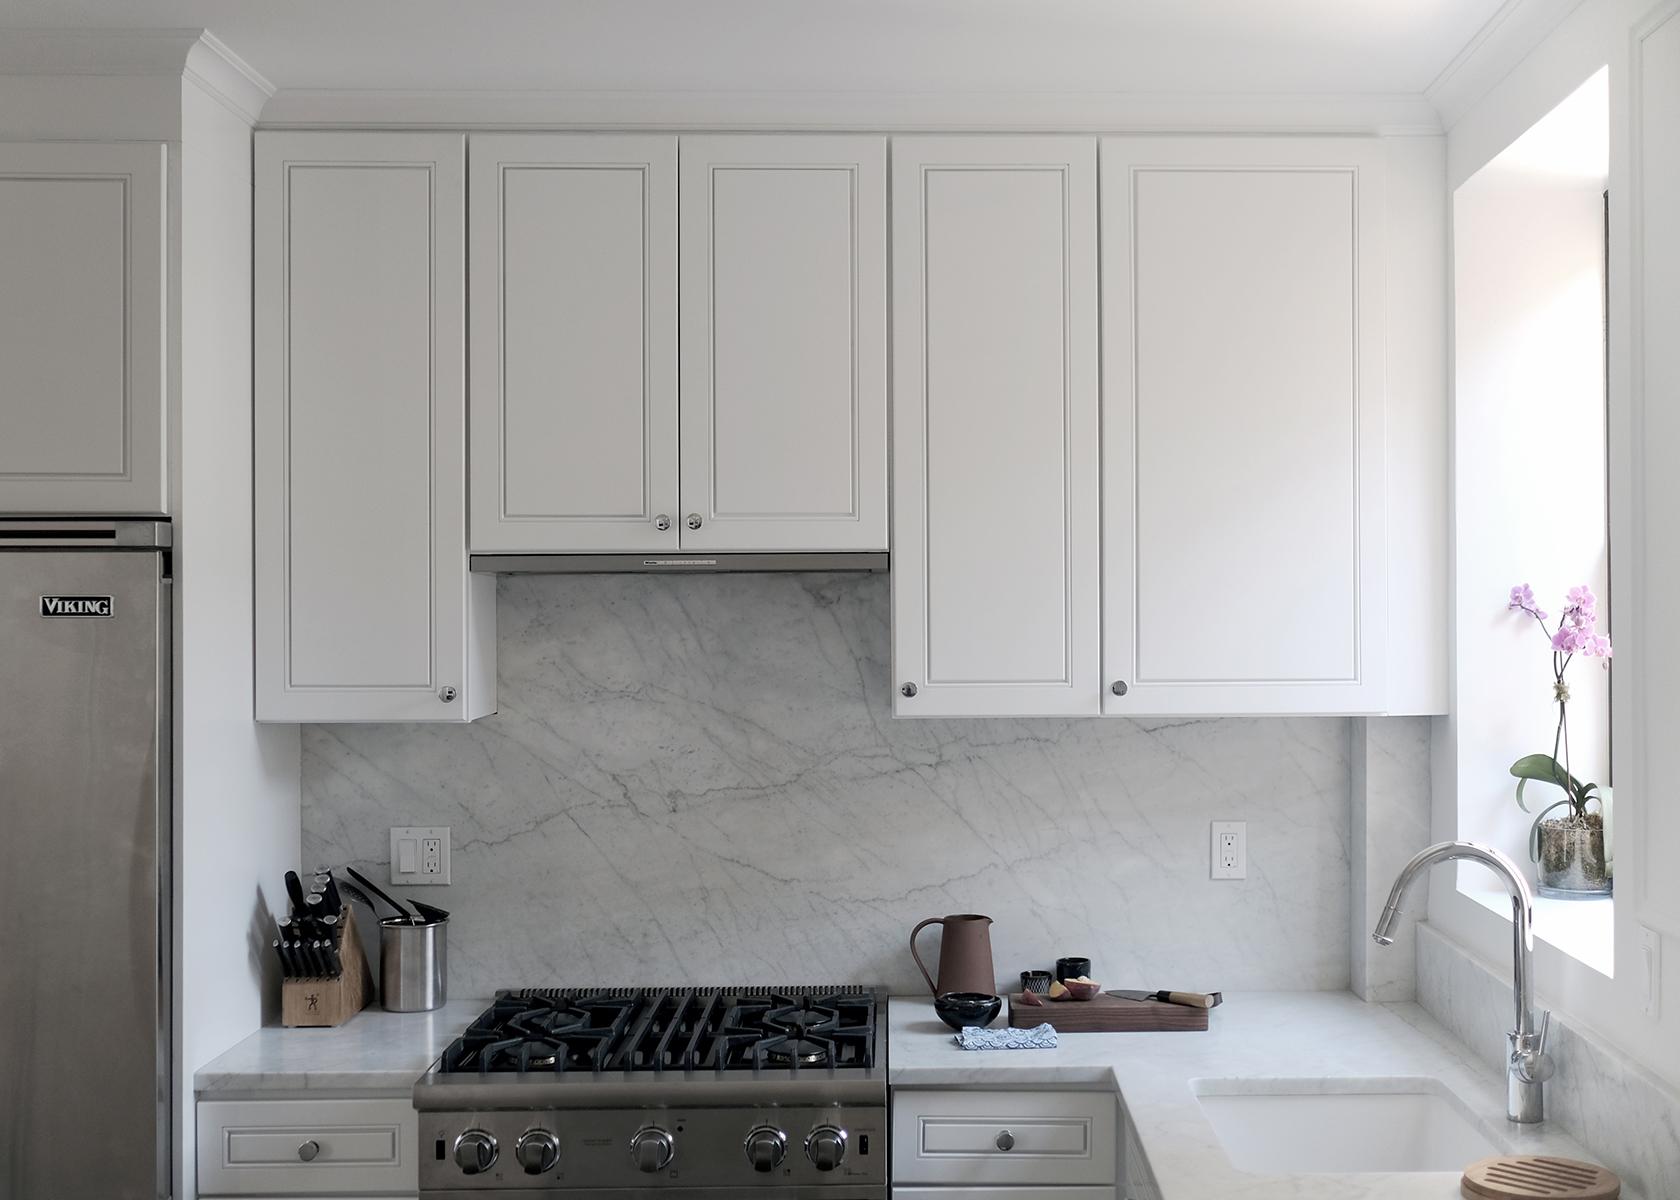 kitchen1 small.jpeg